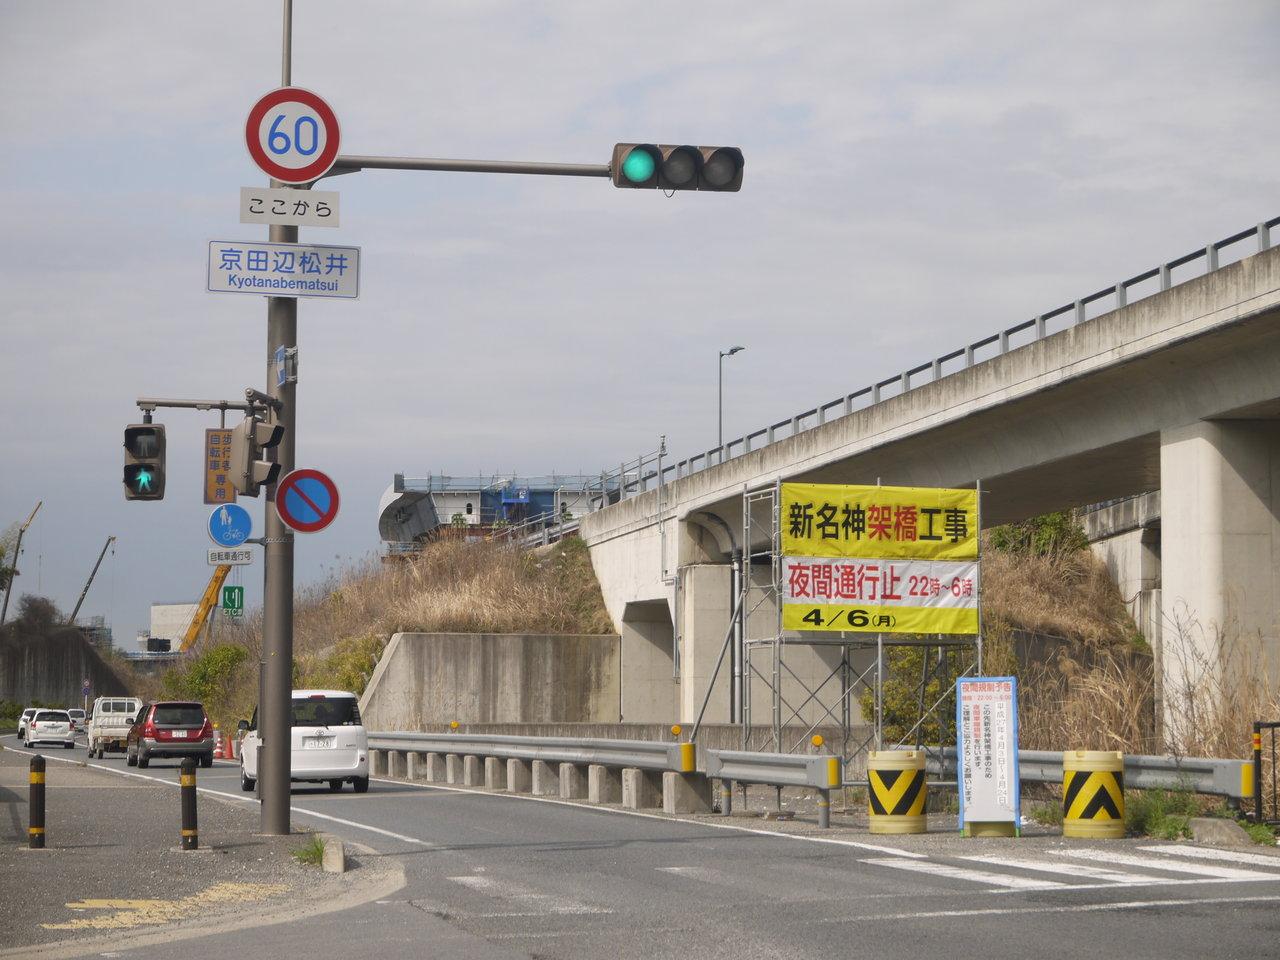 4/6は22時から第二京阪道路(枚方学研~八幡東)が夜間通行止め。新 ...